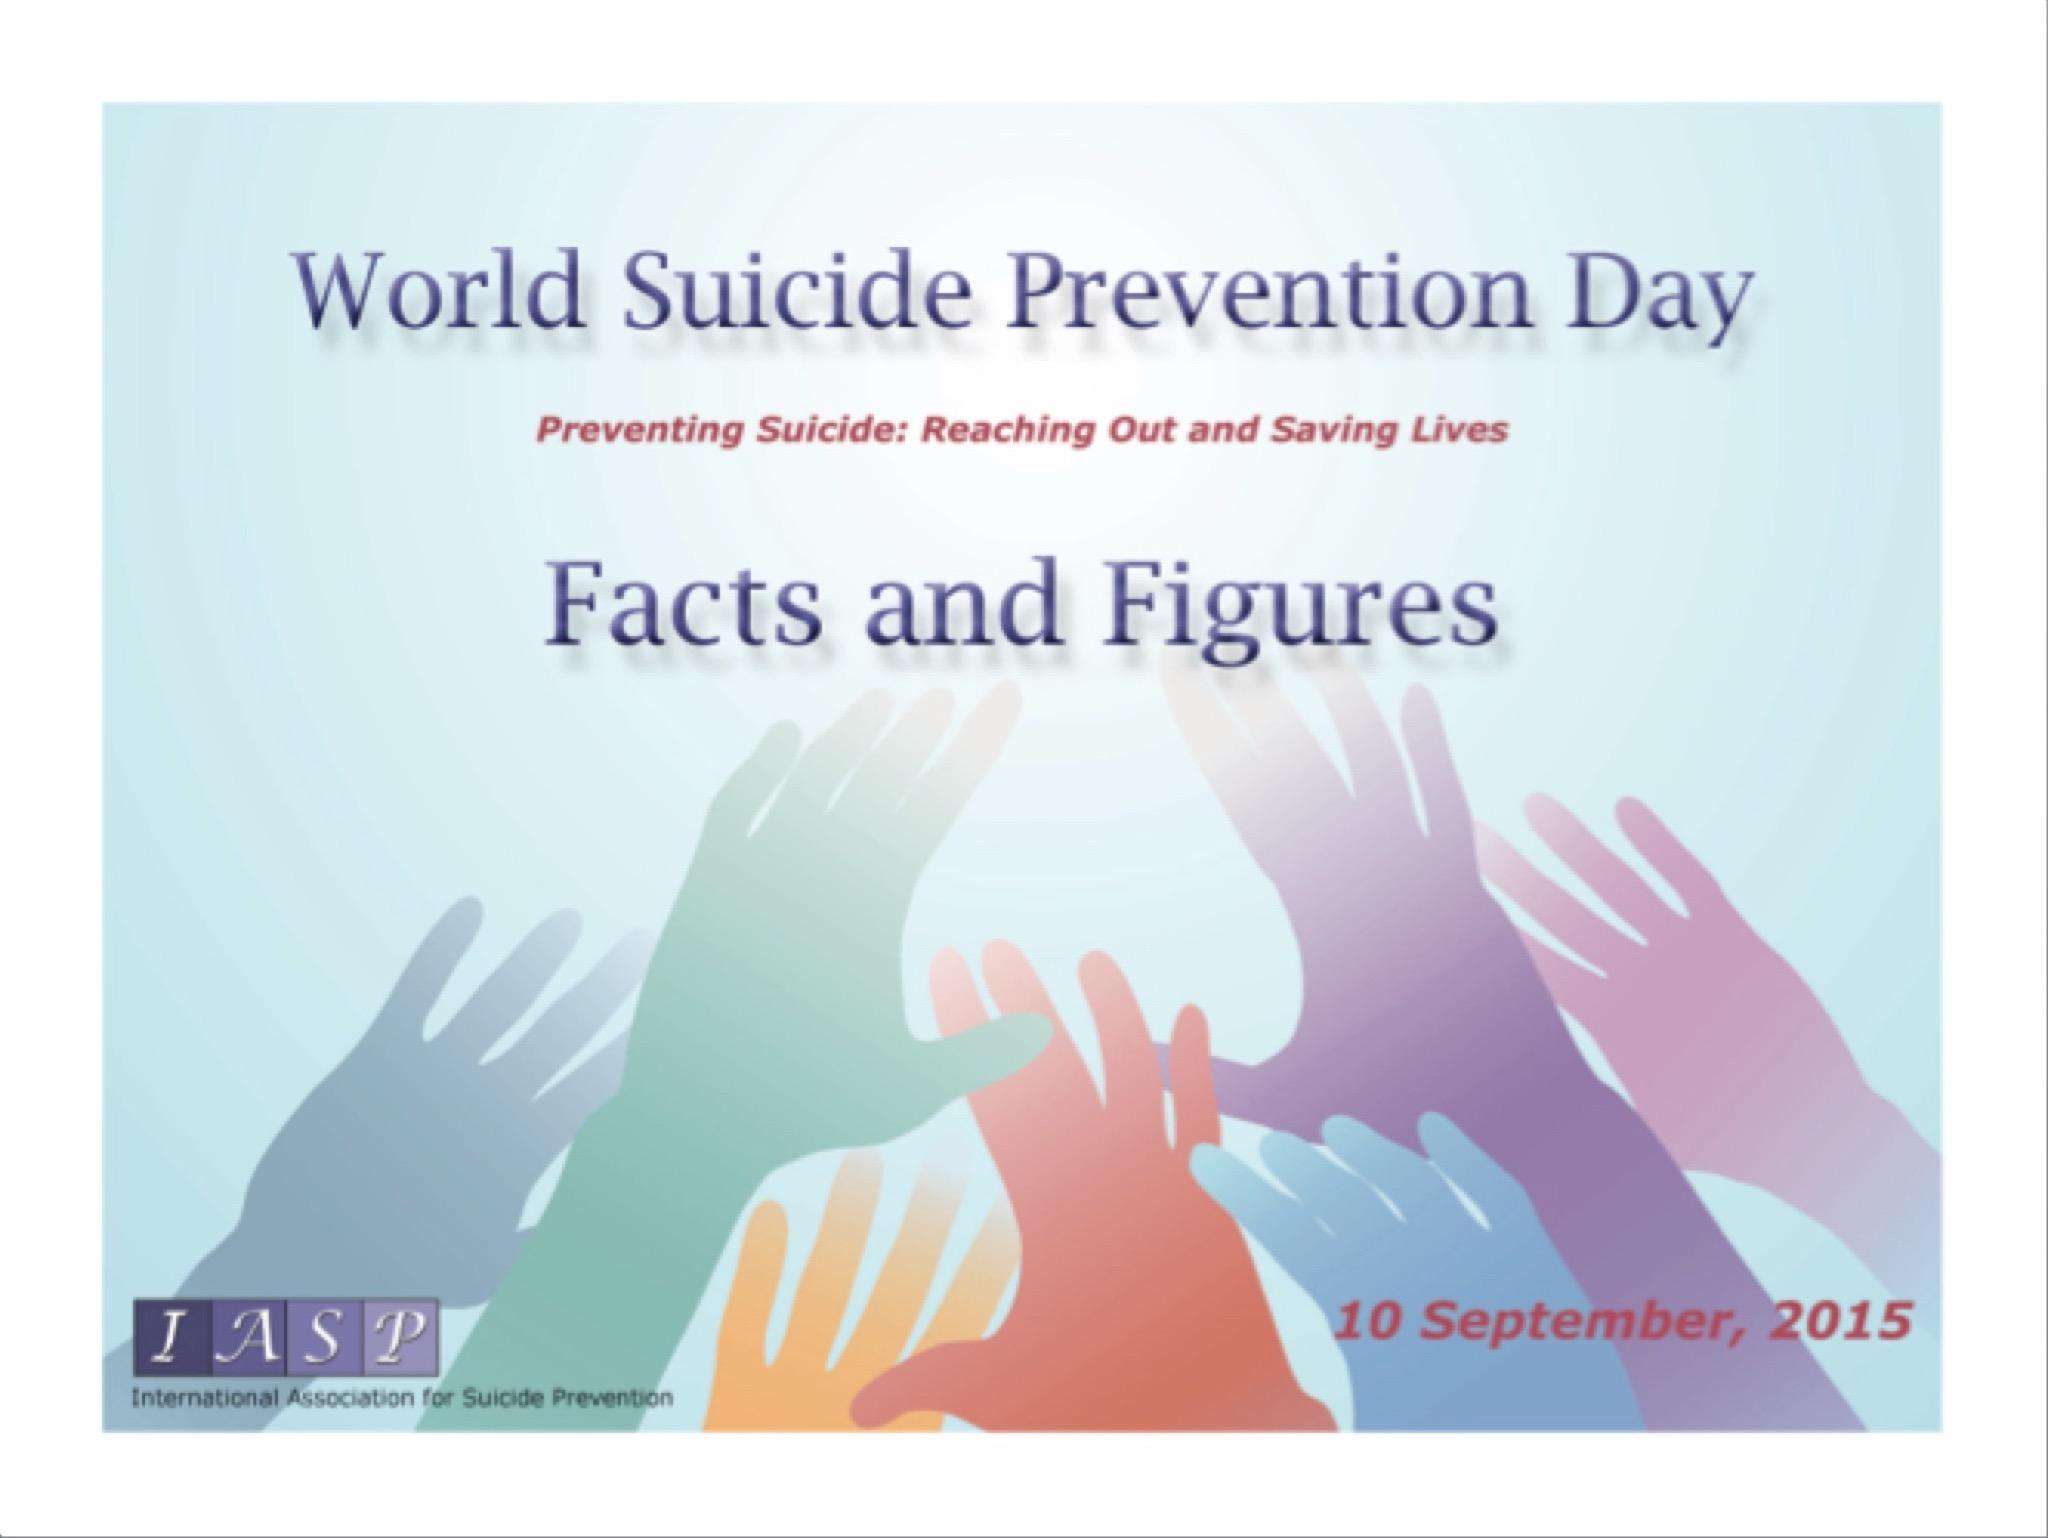 「世界自殺予防デー」と「自殺予防週間」